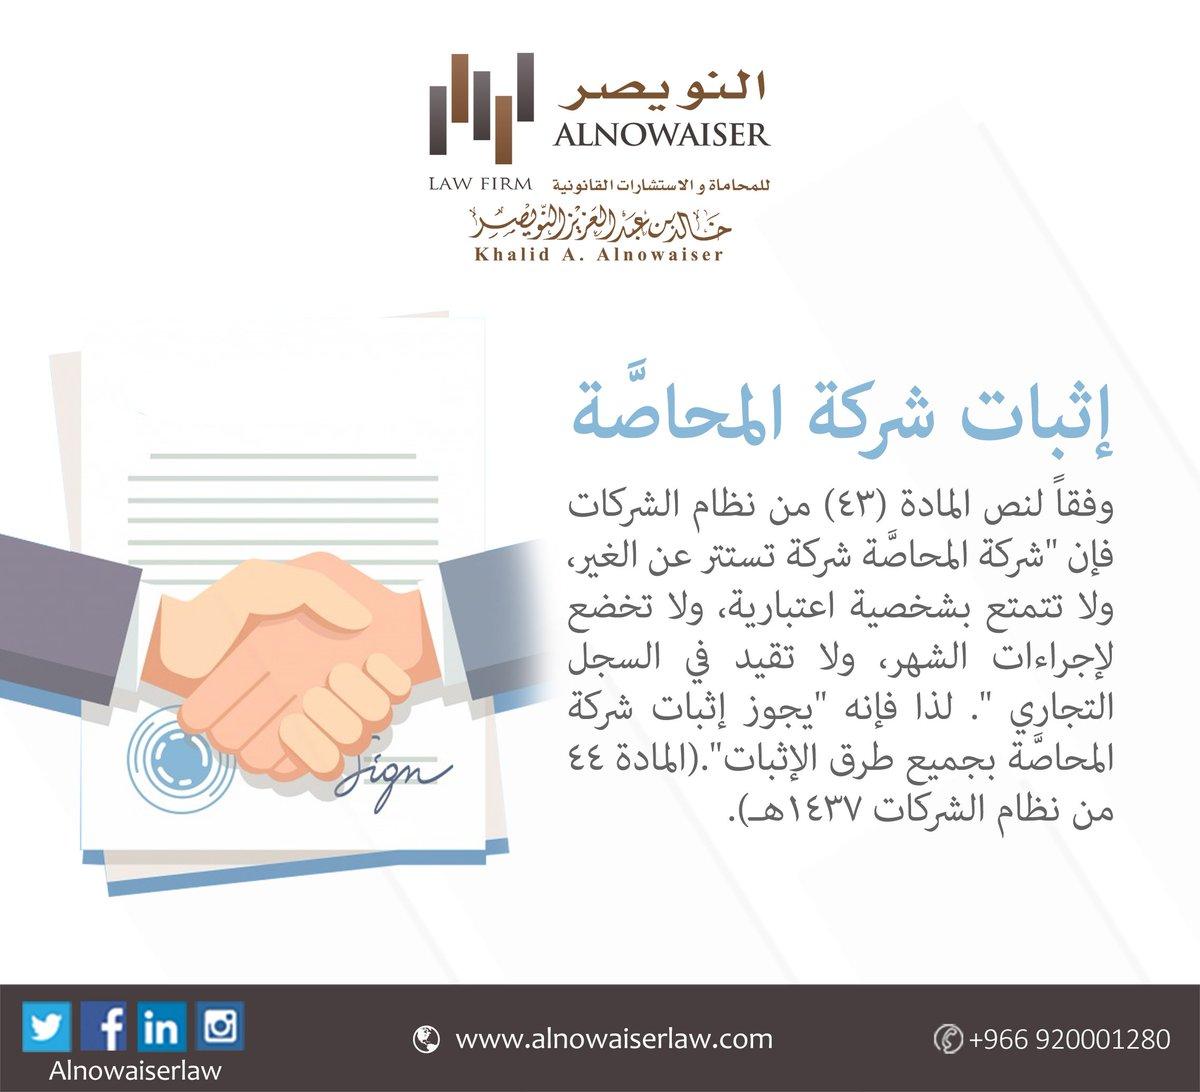 قواعد تكوين شركة المحاصة 2